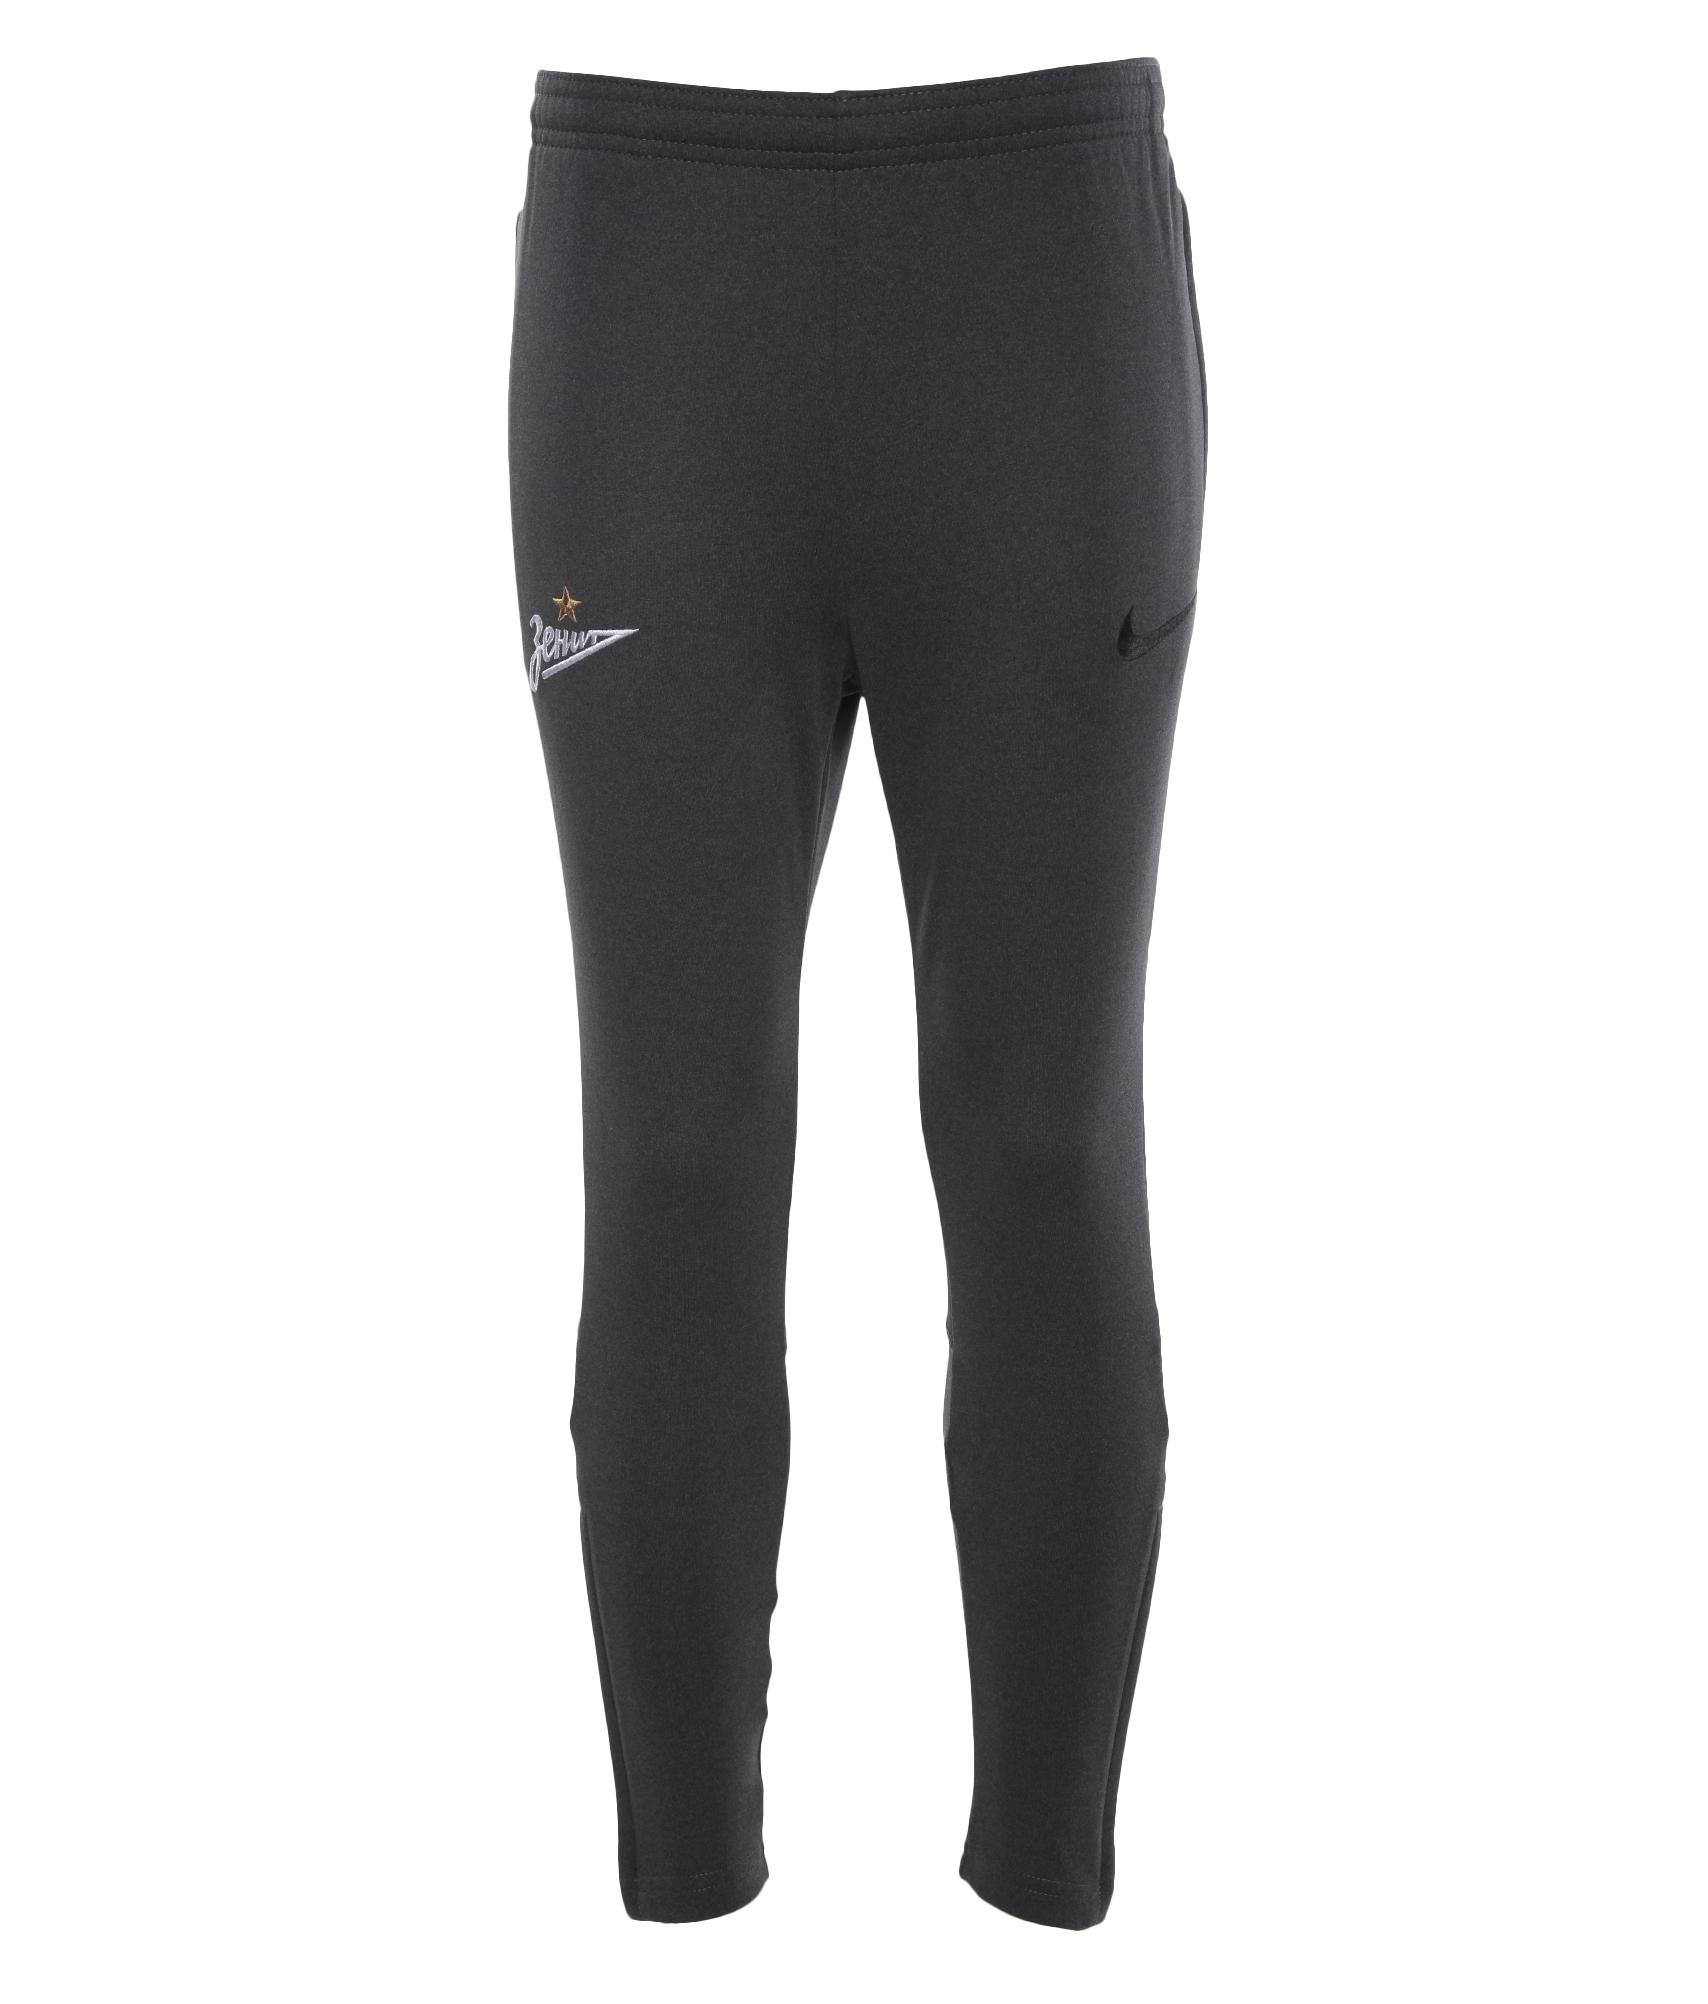 купить Брюки подростковые Nike, Цвет-Серый, Размер-XL недорого